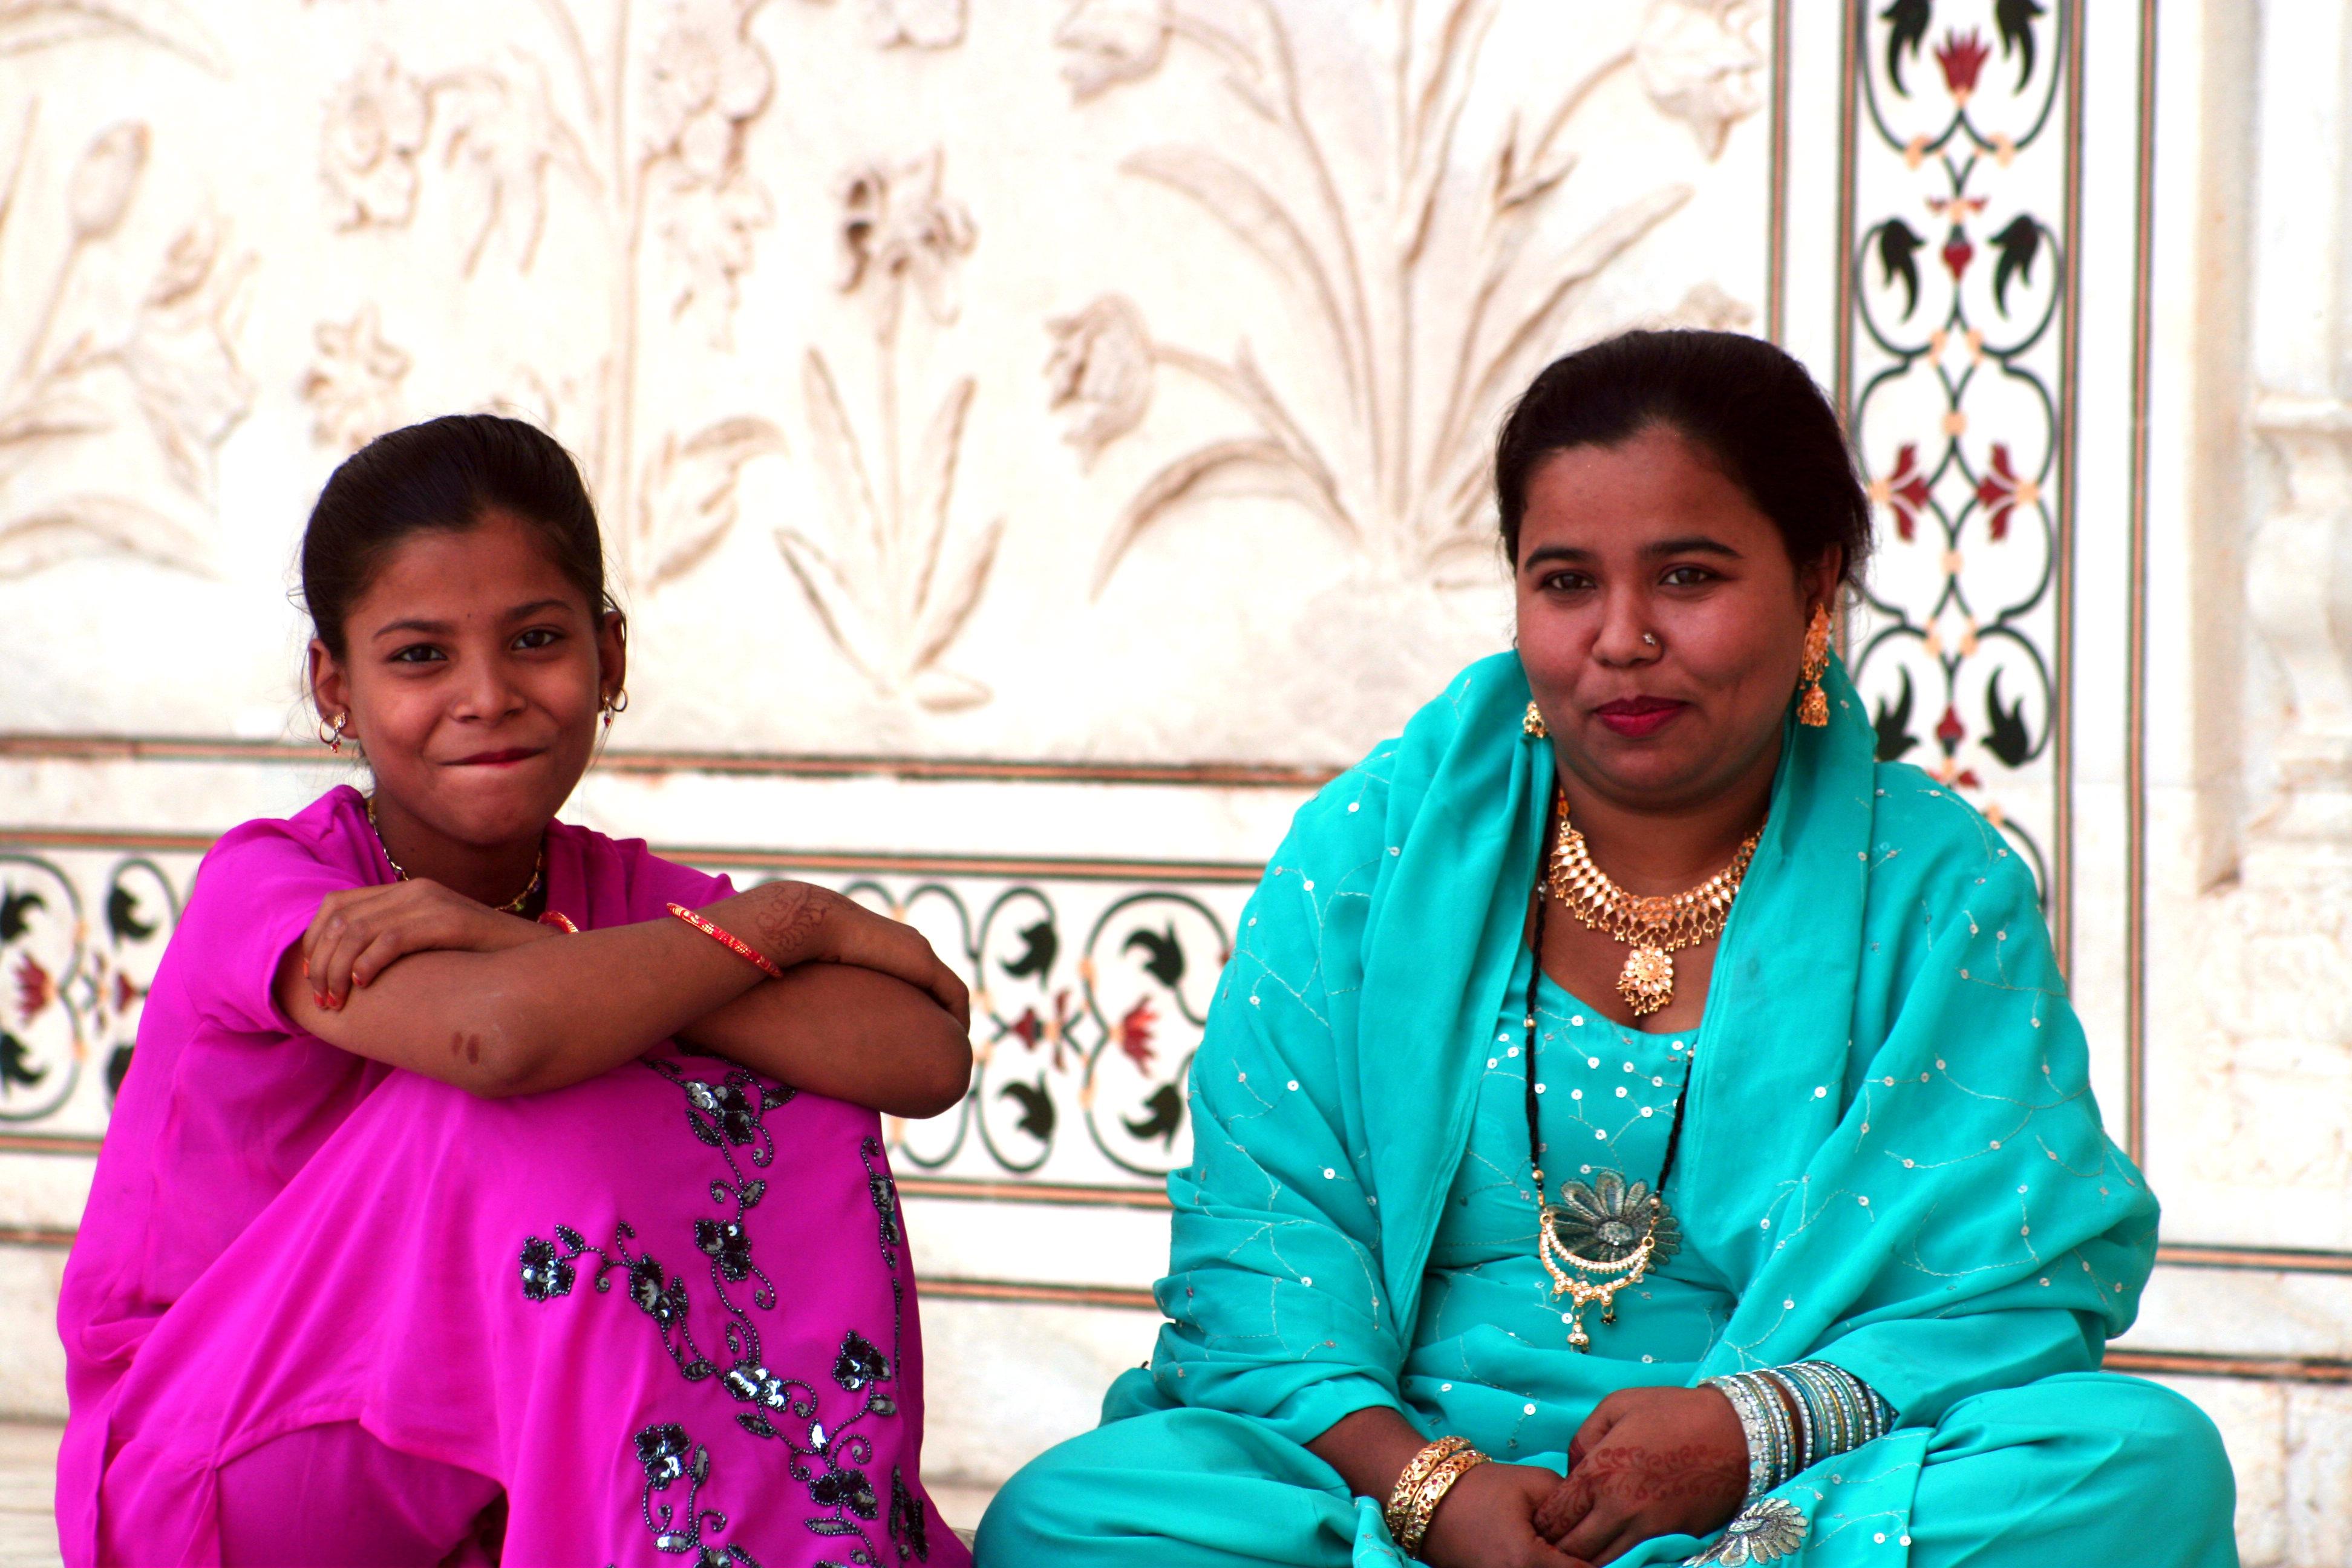 Farben-Indiens-People